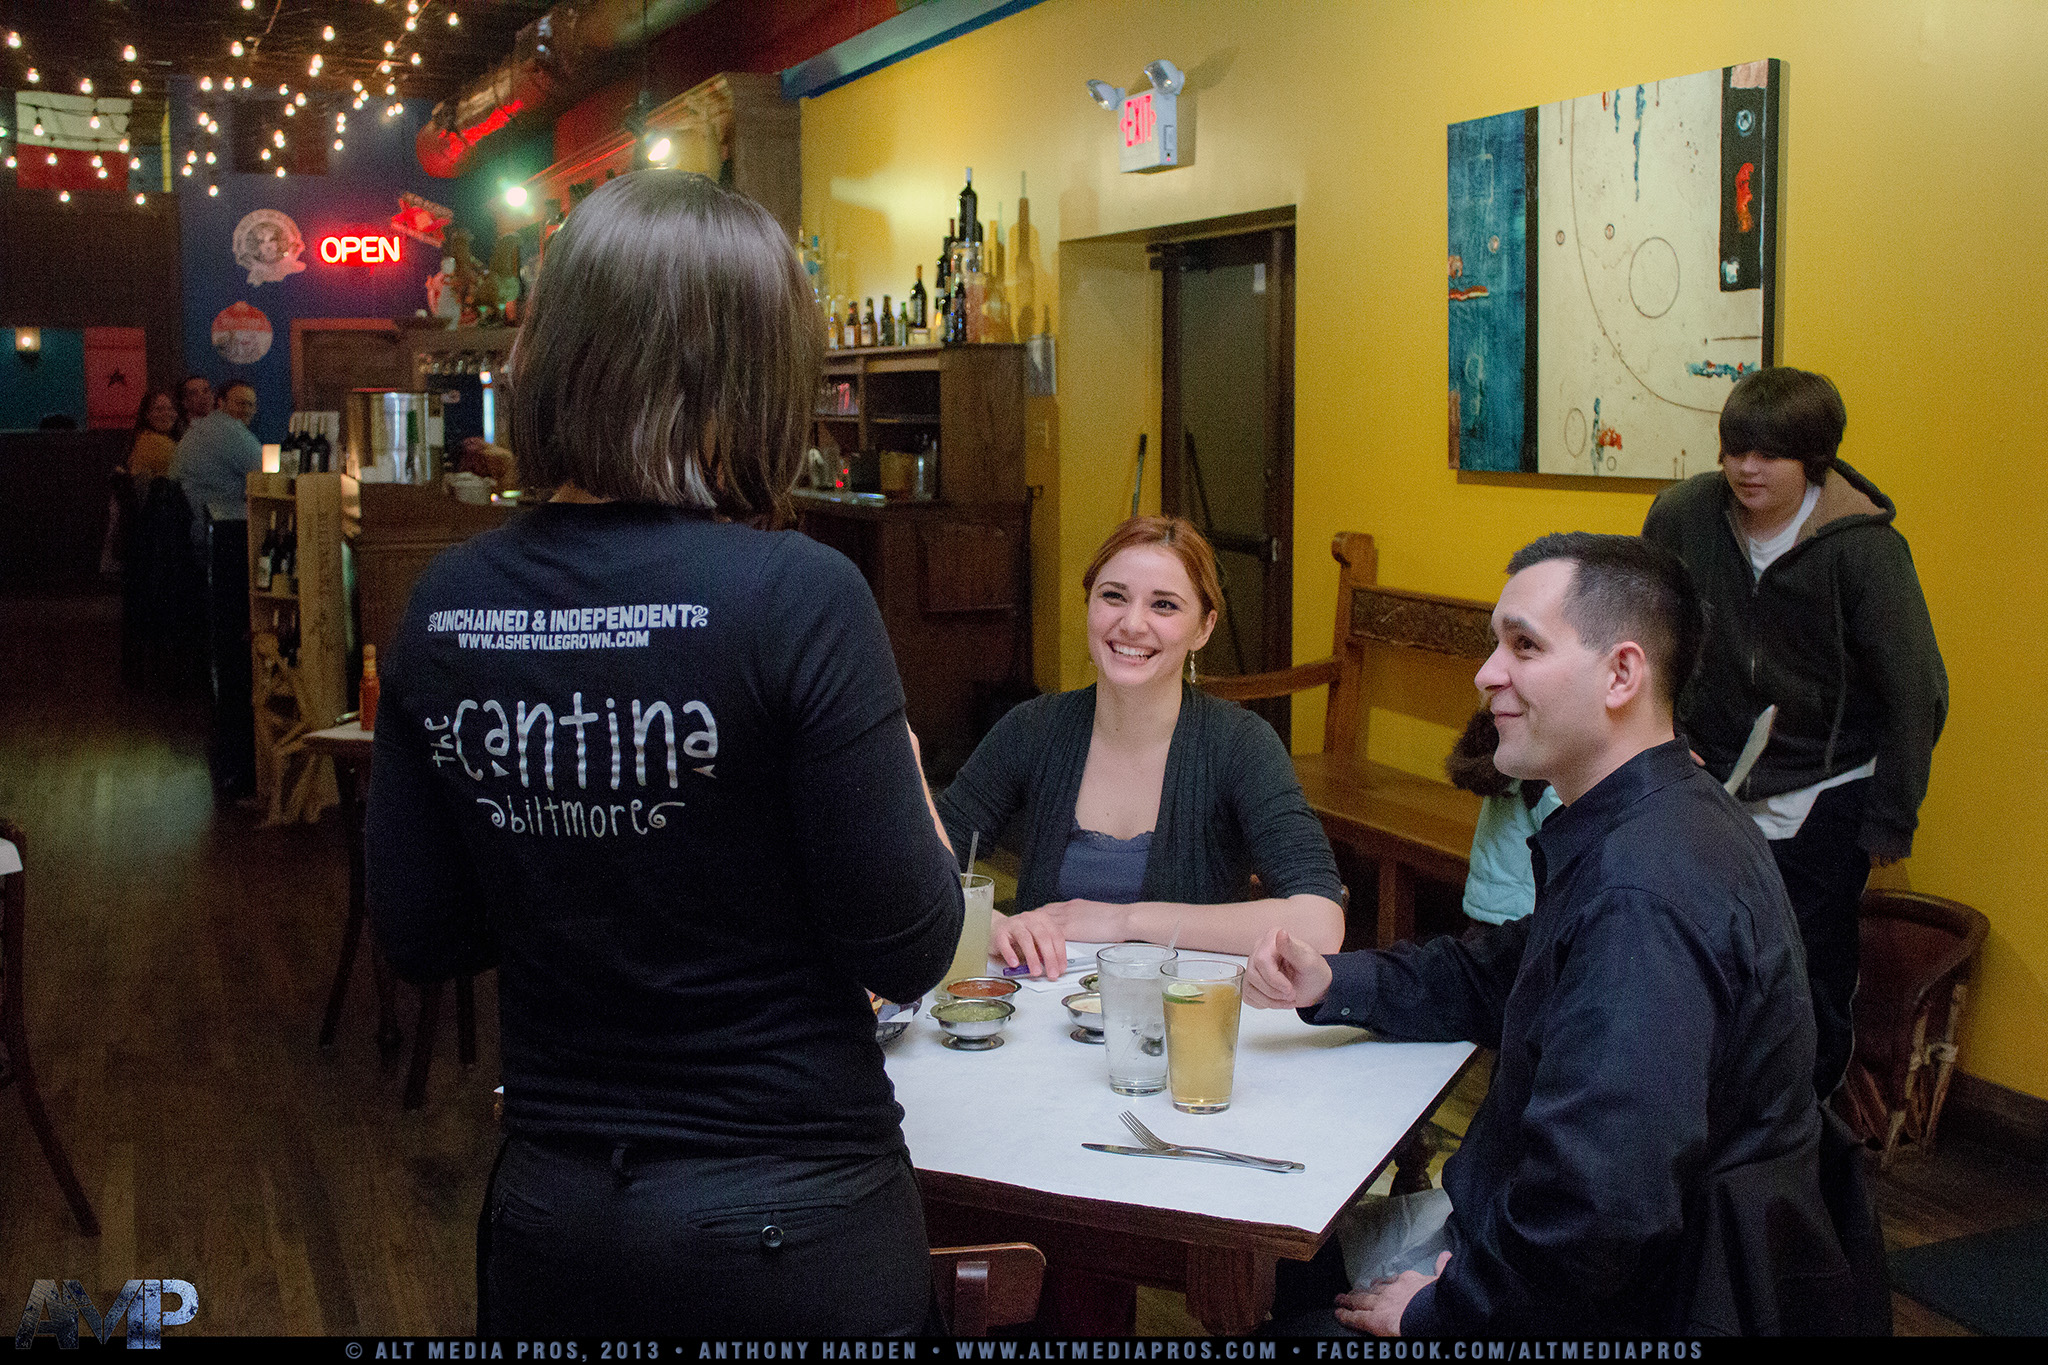 Cantina at Biltmore_PSD_022813_011.jpg